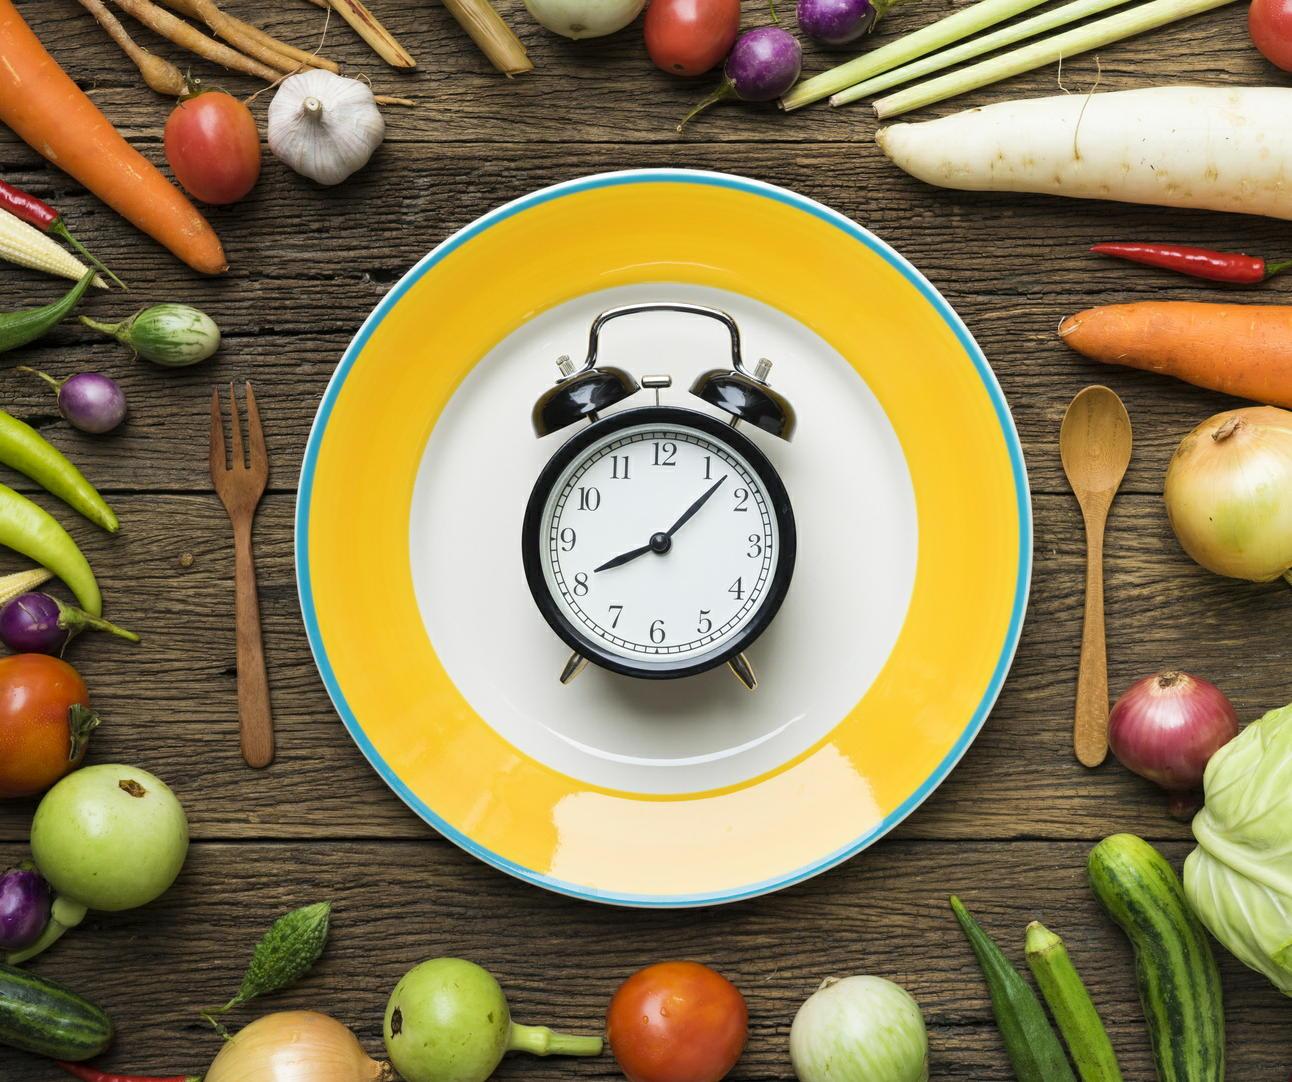 食事を「朝型」にすると糖尿病が改善 体重が減り血糖値も安定